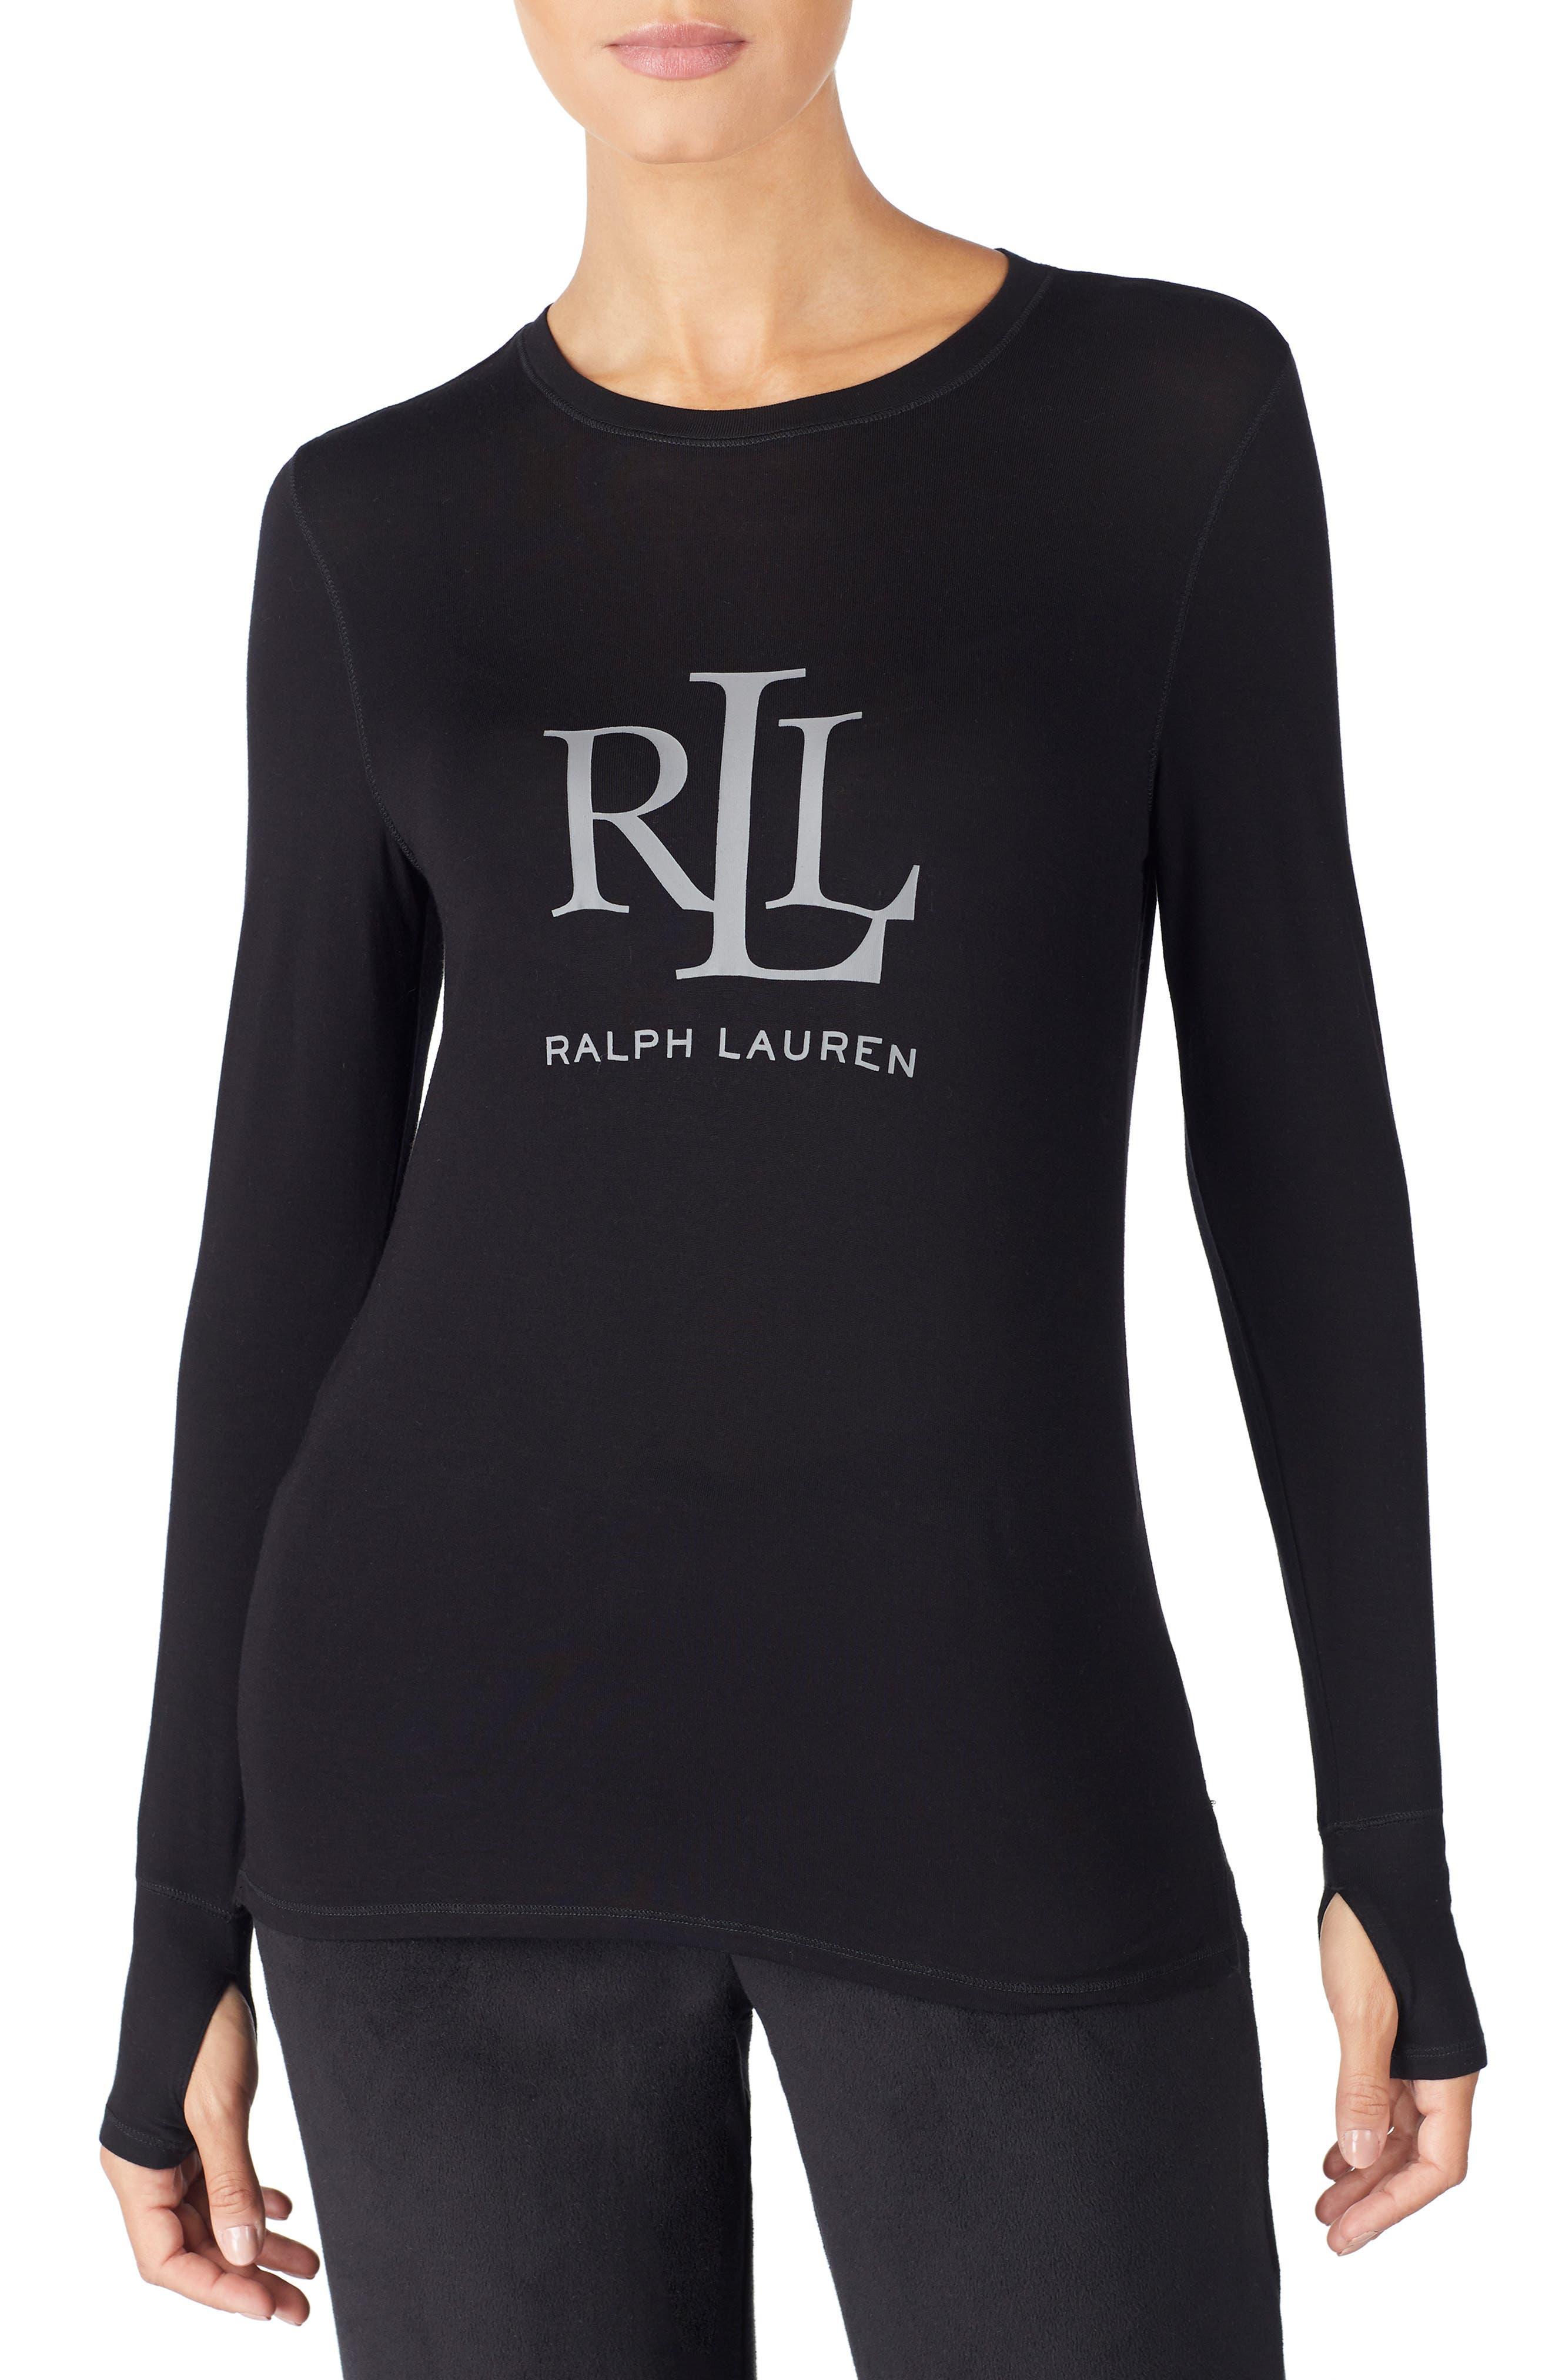 LAUREN RALPH LAUREN Logo Graphic Lounge Tee, Main, color, BLACK